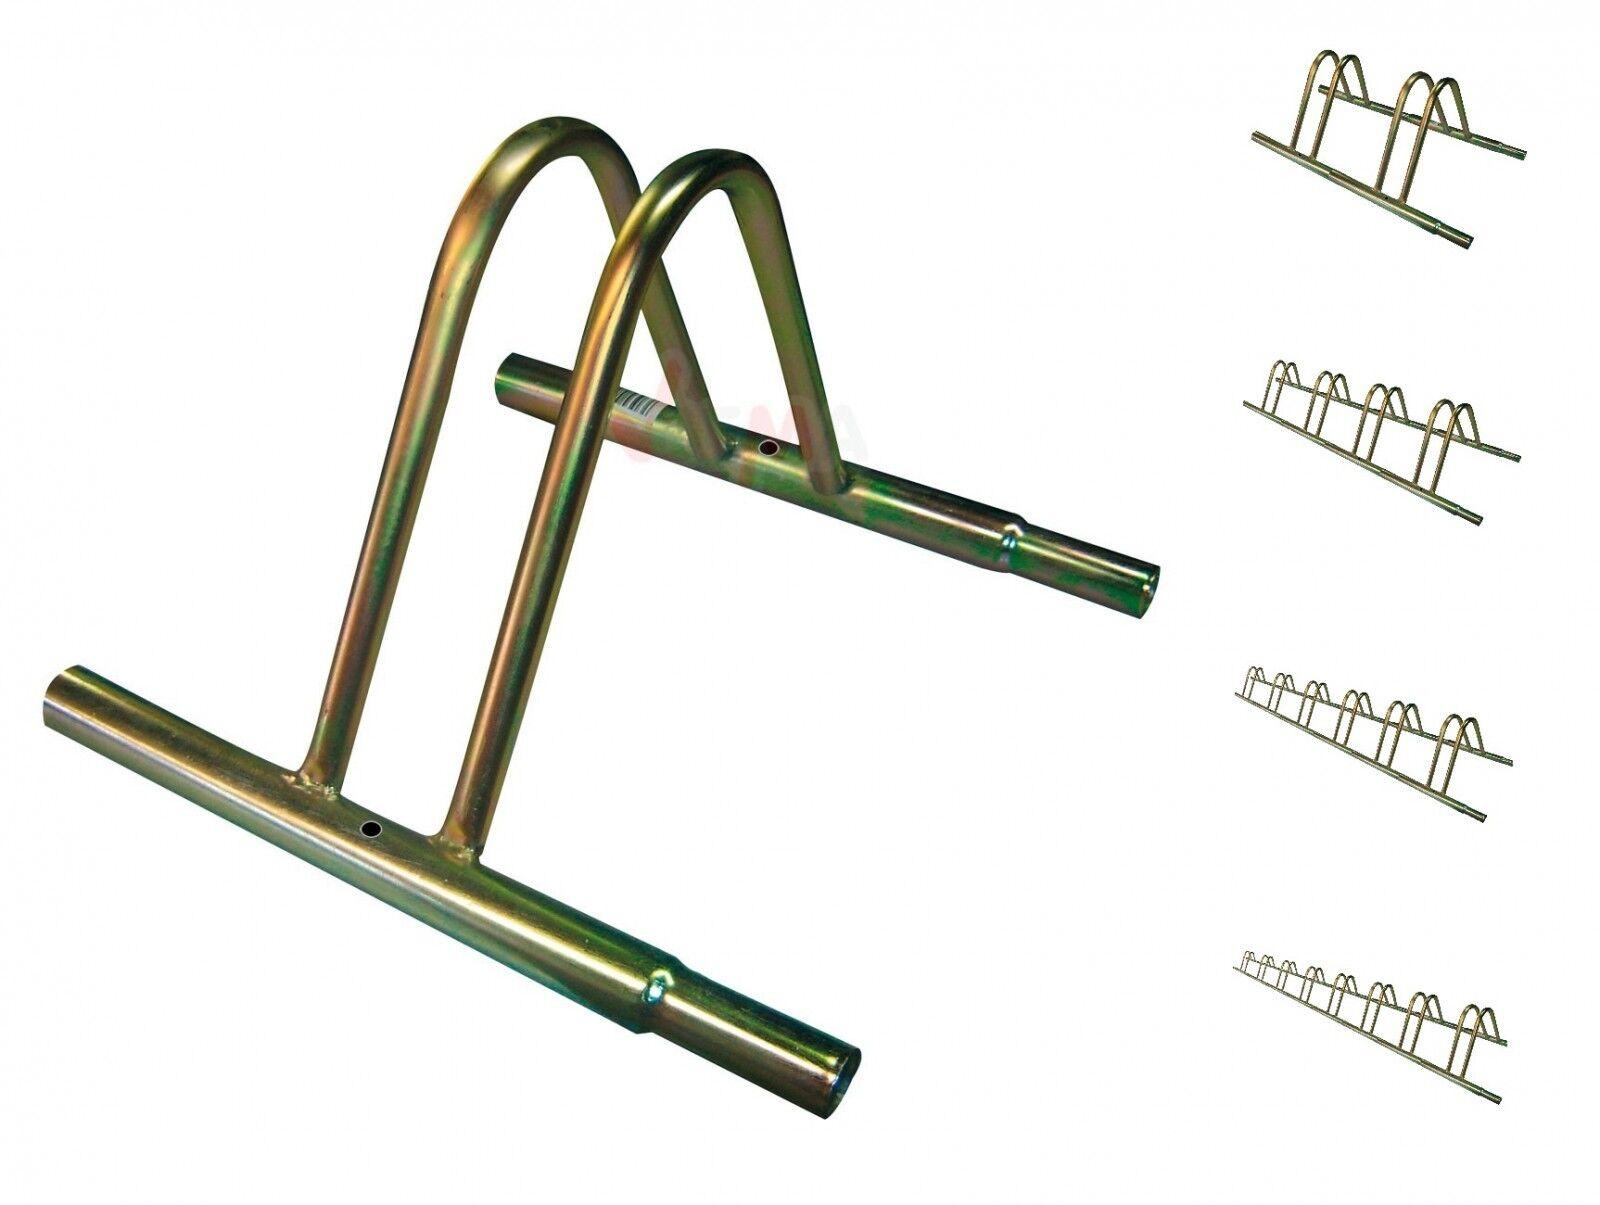 Set Stahl Fahrradständer 2, 4, 6, 8 Fahrräder aller aller Fahrräder Fahrradtypen Fahrradhalter a3293a